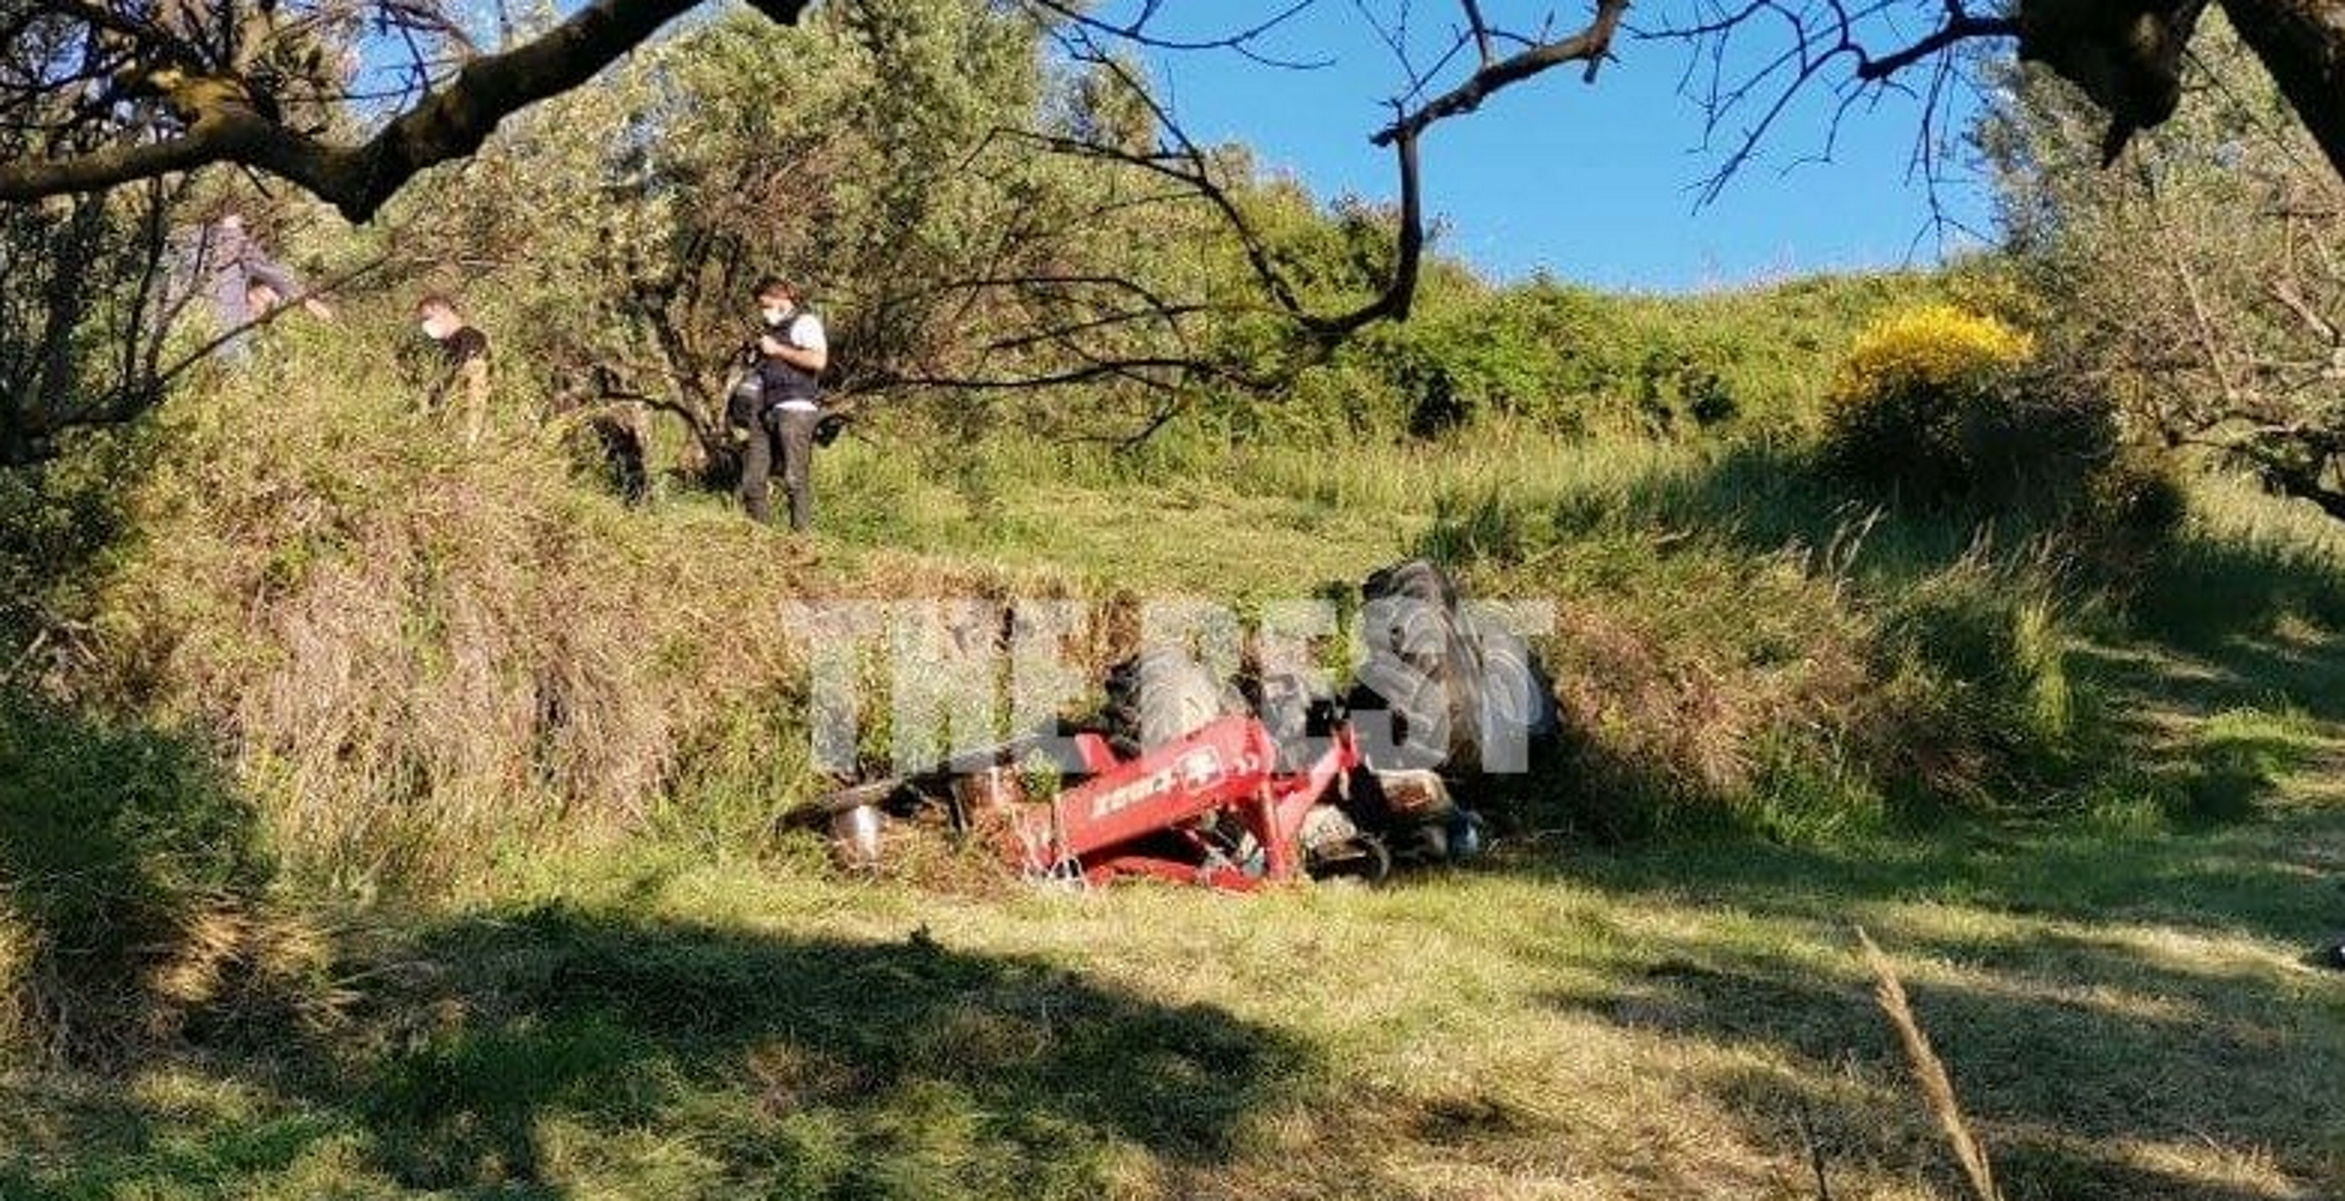 Τραγωδία στην Πάτρα: Νεκρός 47χρονος που καταπλακώθηκε από τρακτέρ